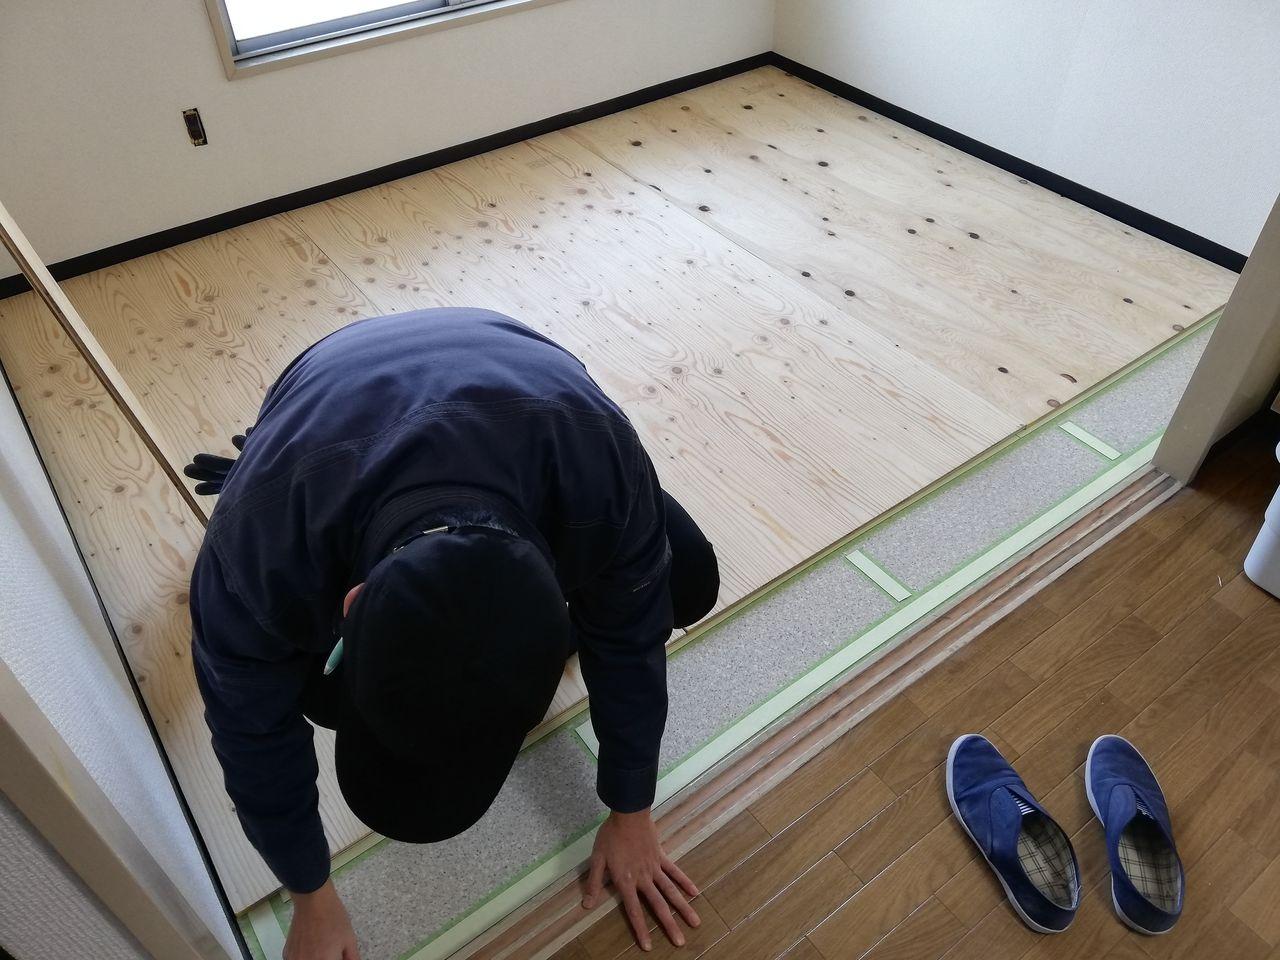 みなさまこんにちは。 前回の【ブログ】の続きです。 下地材として使われる合板を貼りつけるために、原状の床に養生テープを貼るところまでで終わりました。 今日は床を完成させていきます。